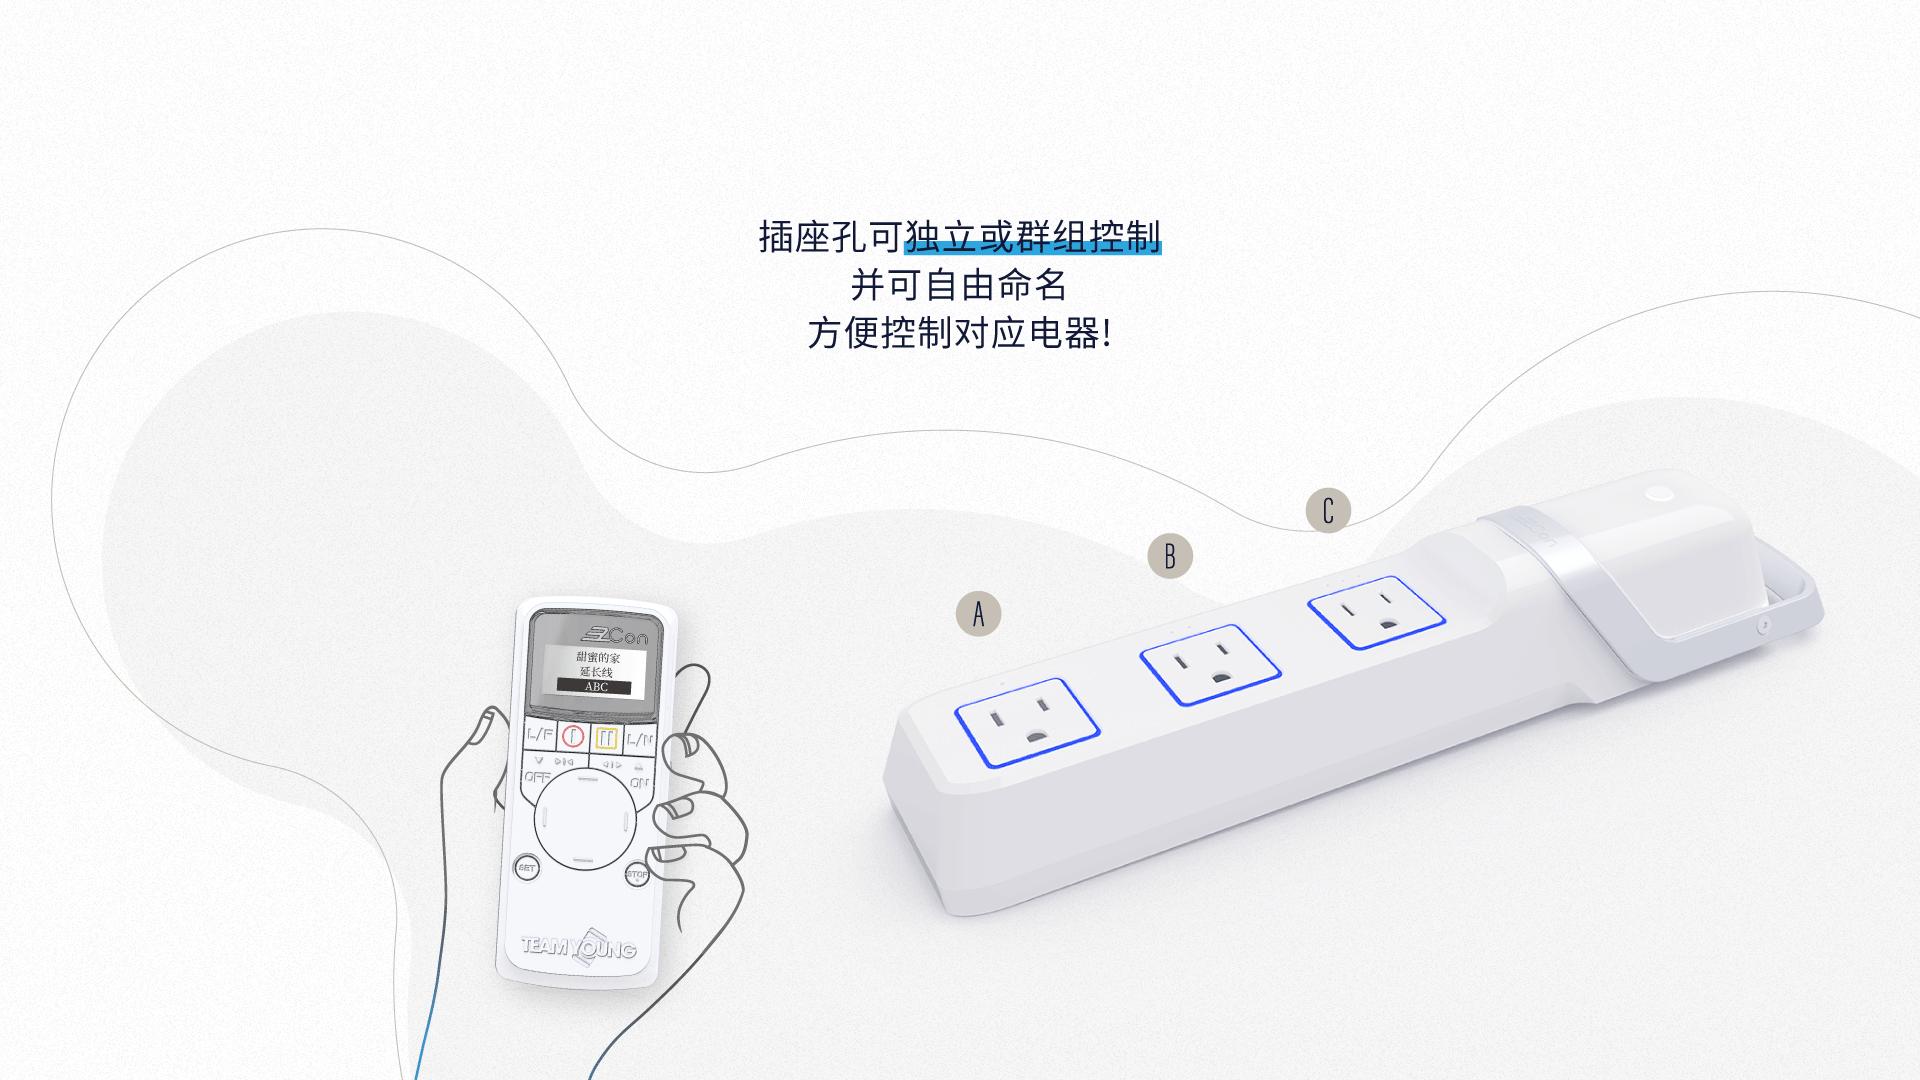 搭配EzCon遥控器控制,不需手动开启/关闭电源,无须多次拔插。